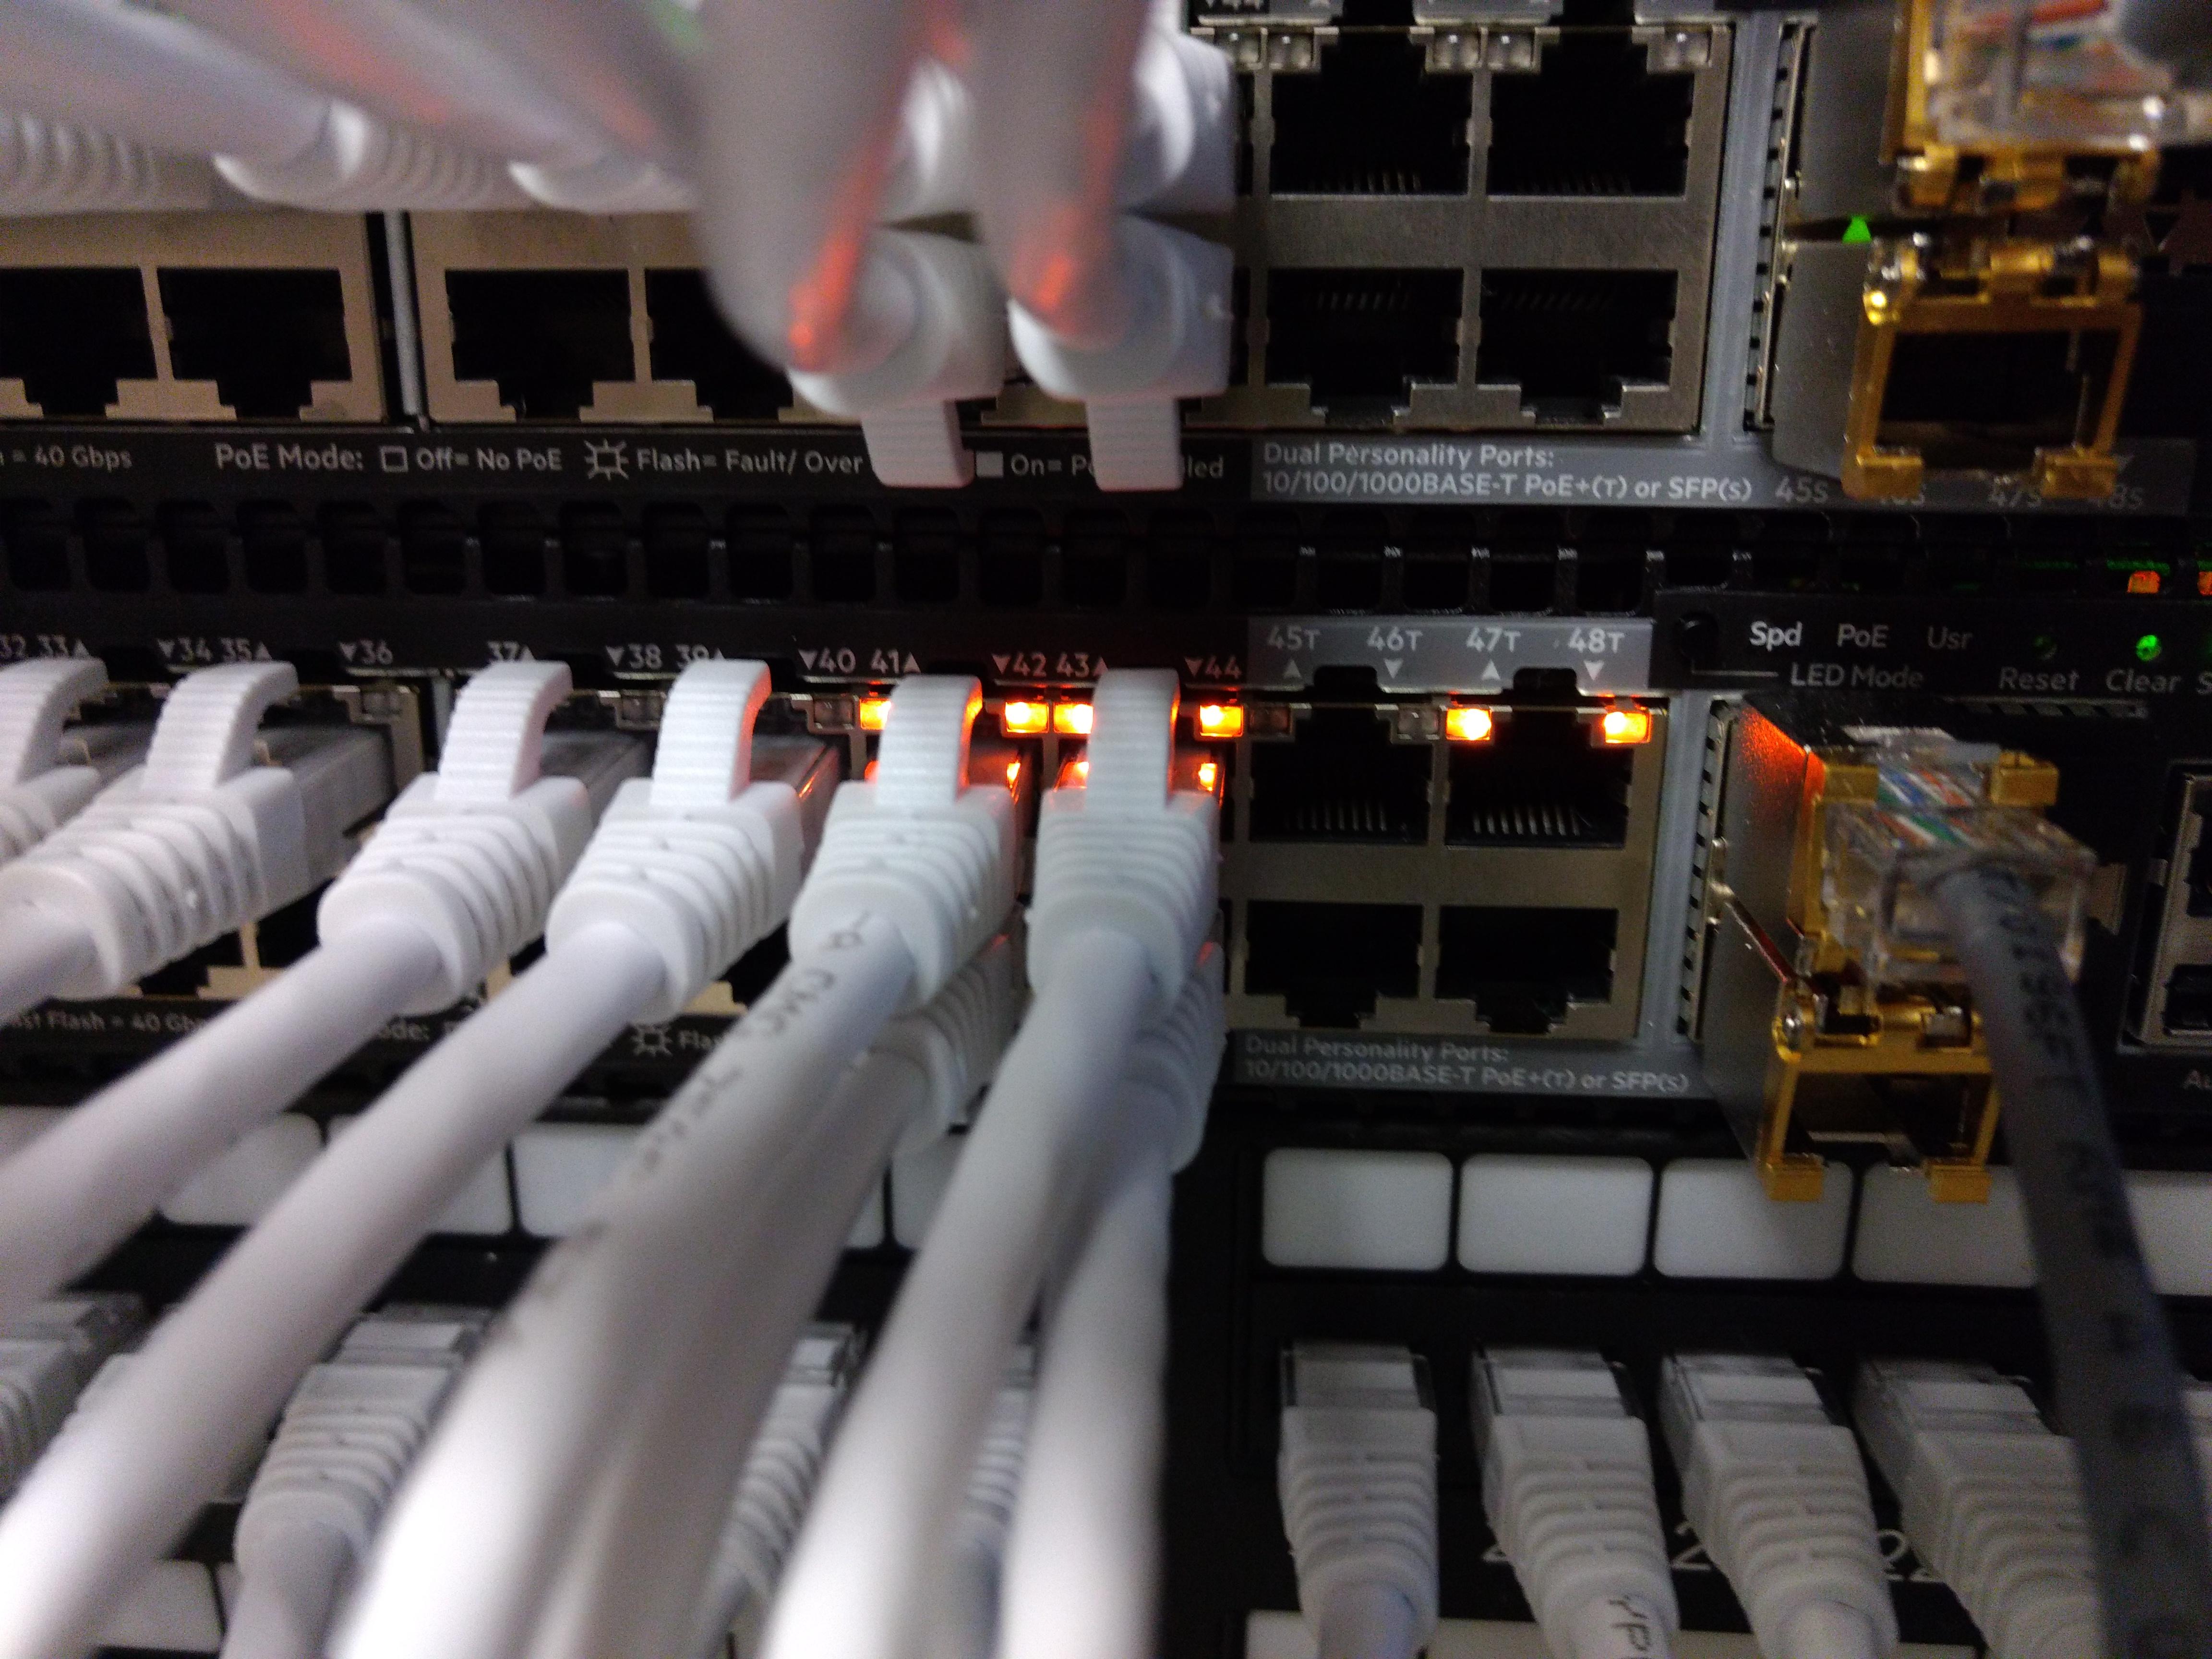 Aruba 2930M Stacking failure - Hewlett Packard Enterprise